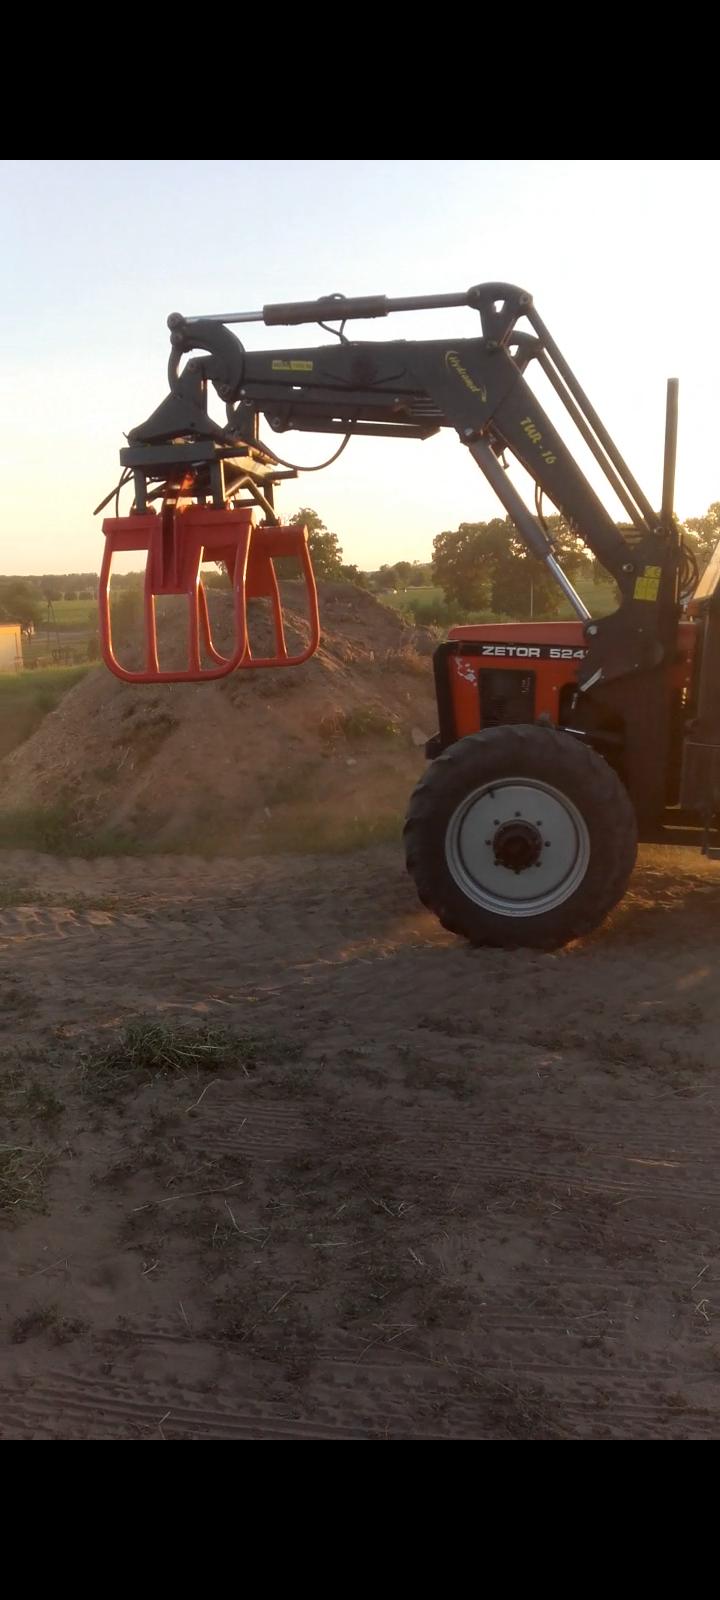 Ładowacz czołowy Hydramet tur 16 Buk - zdjęcie 1